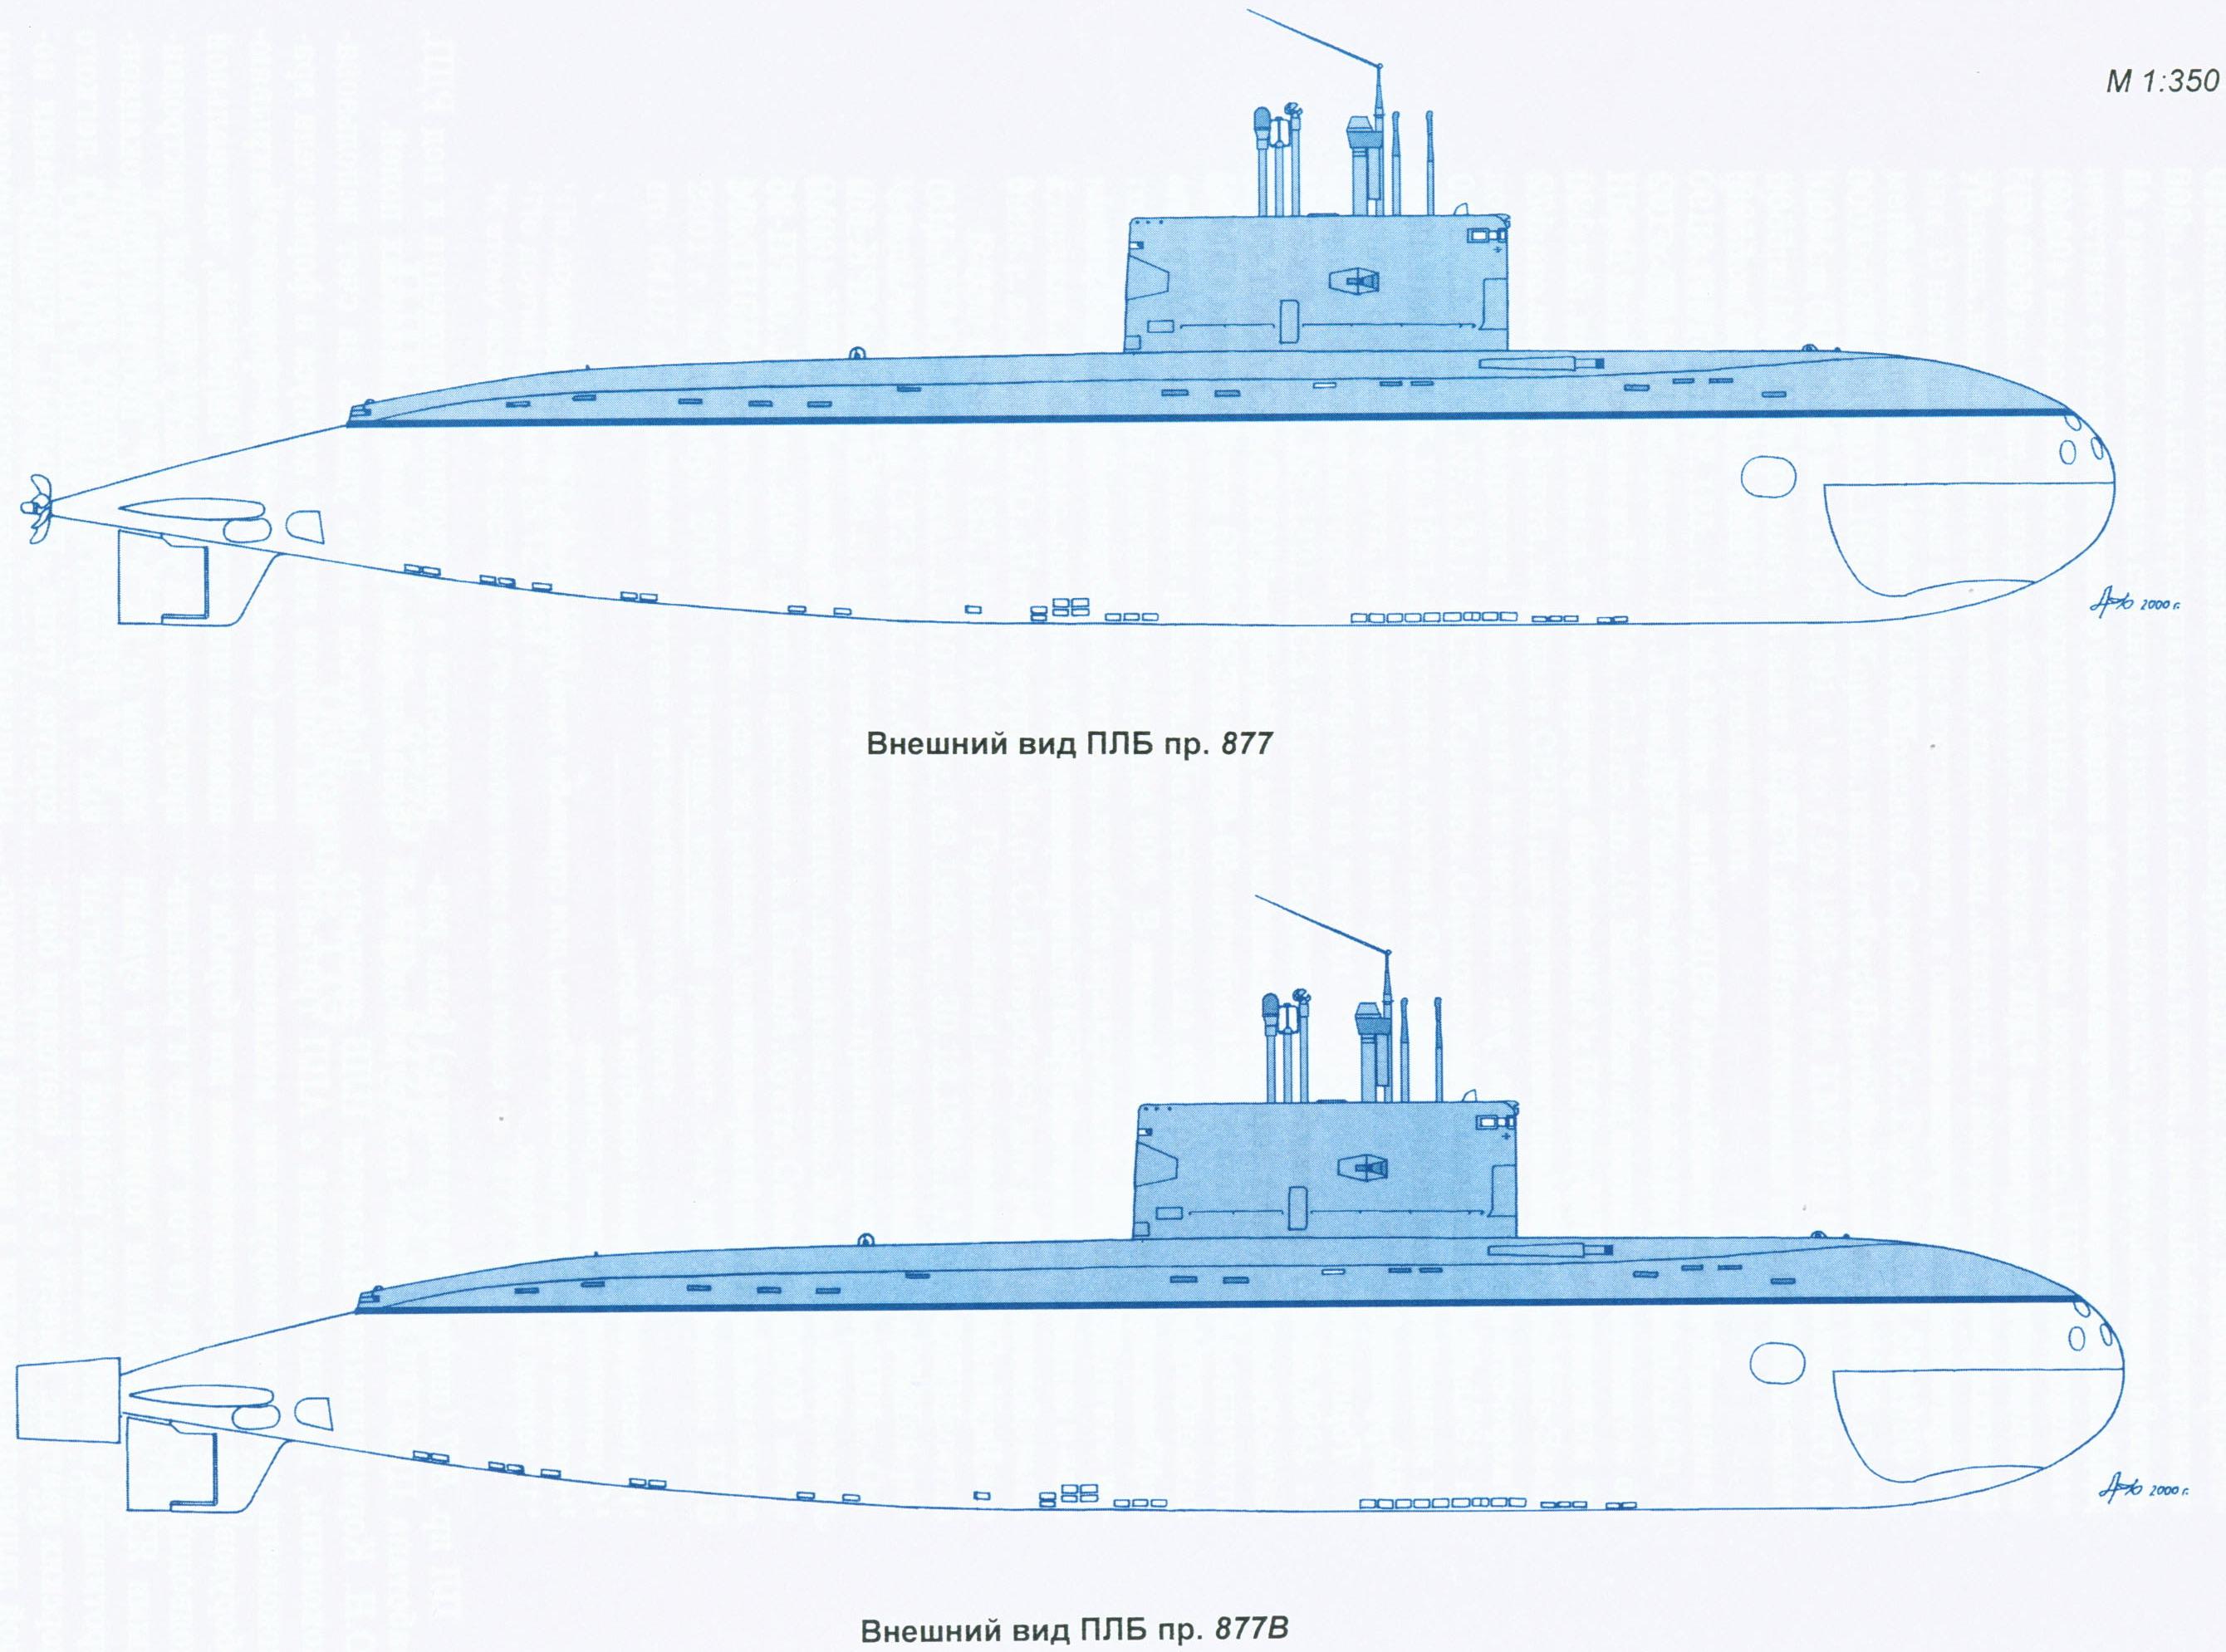 подводных лодок проекта 877 экм